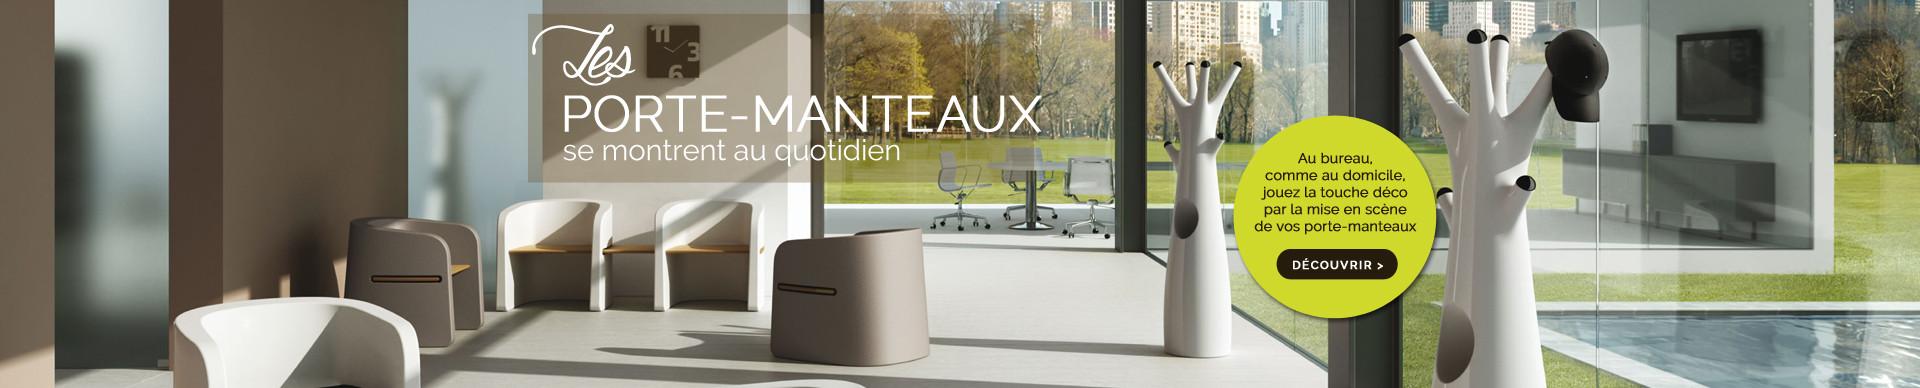 Les portes-manteaux design, pour le bureau et pour son intérieur contemporain